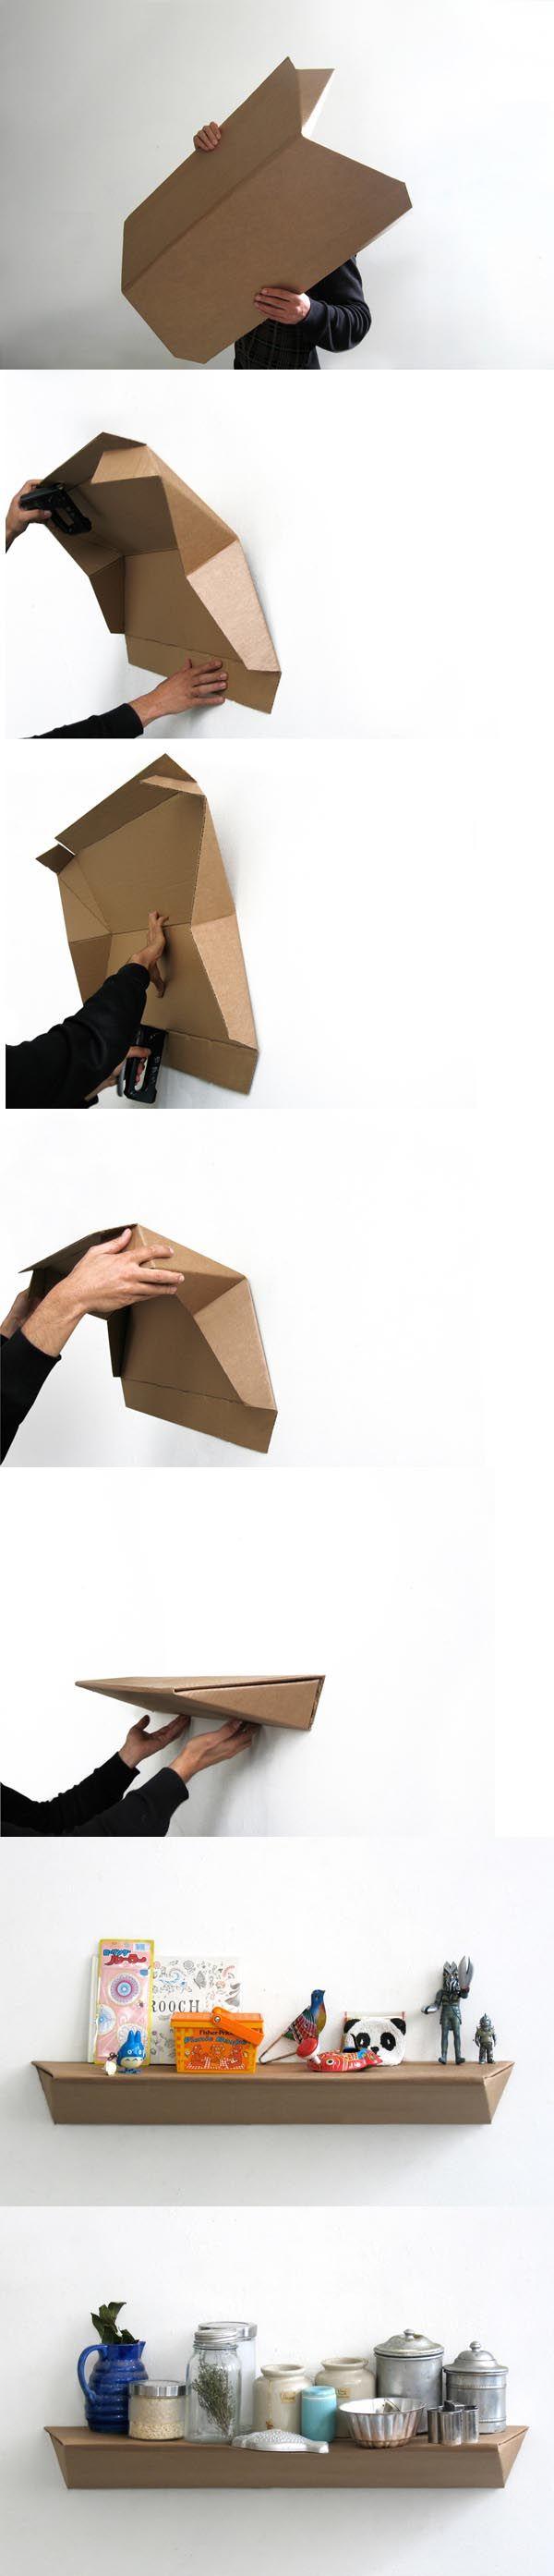 Genial estante de cartón eco-amigable